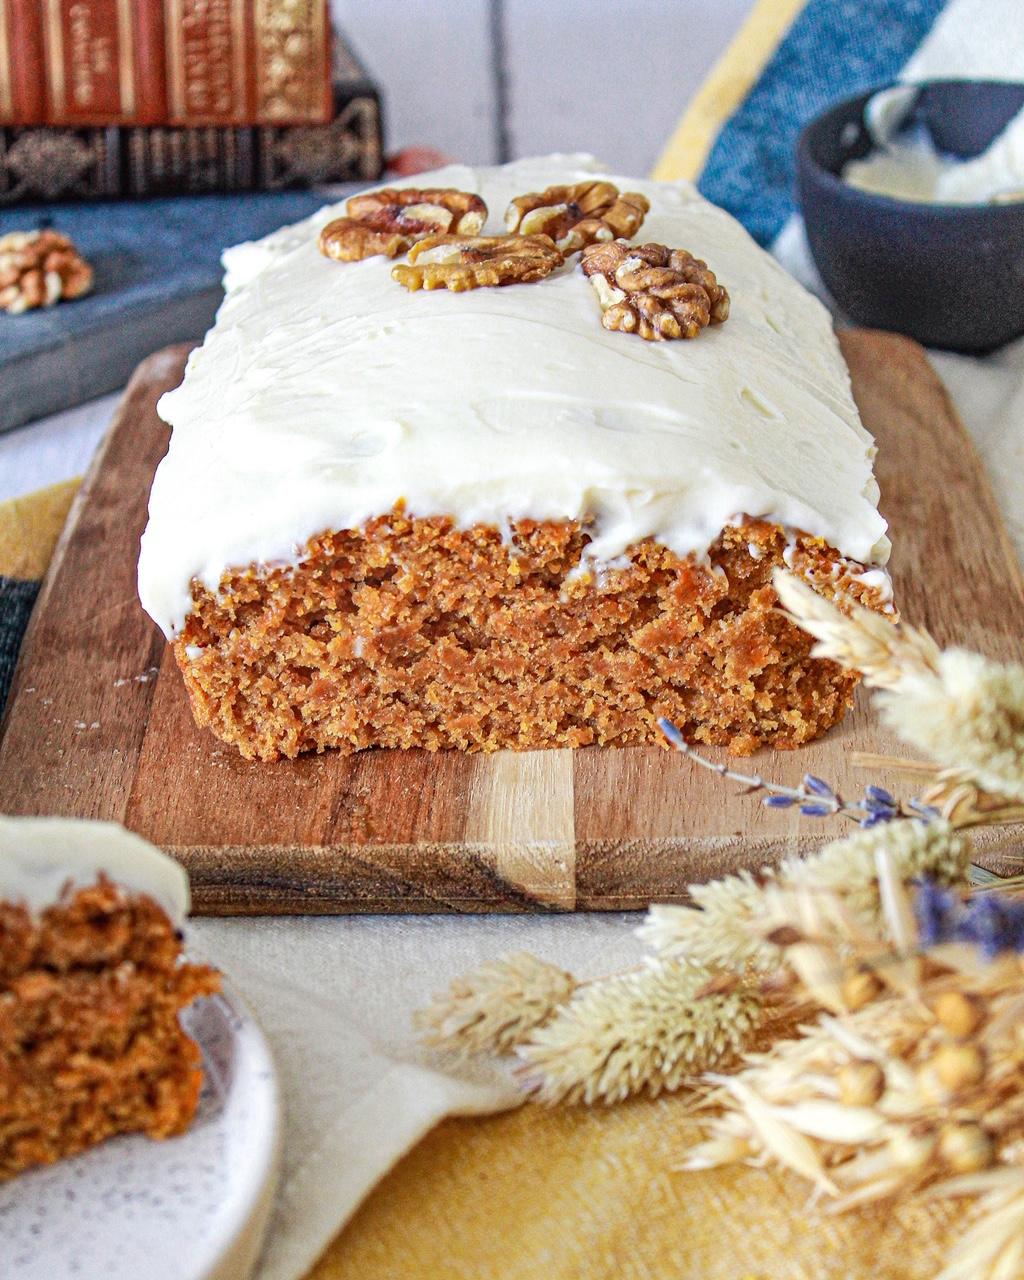 Découvrez ma recette ultra simple et rapide de Carrot Cake ! Goûter moelleux et gourmand assuré ! - La petite liste de Manon